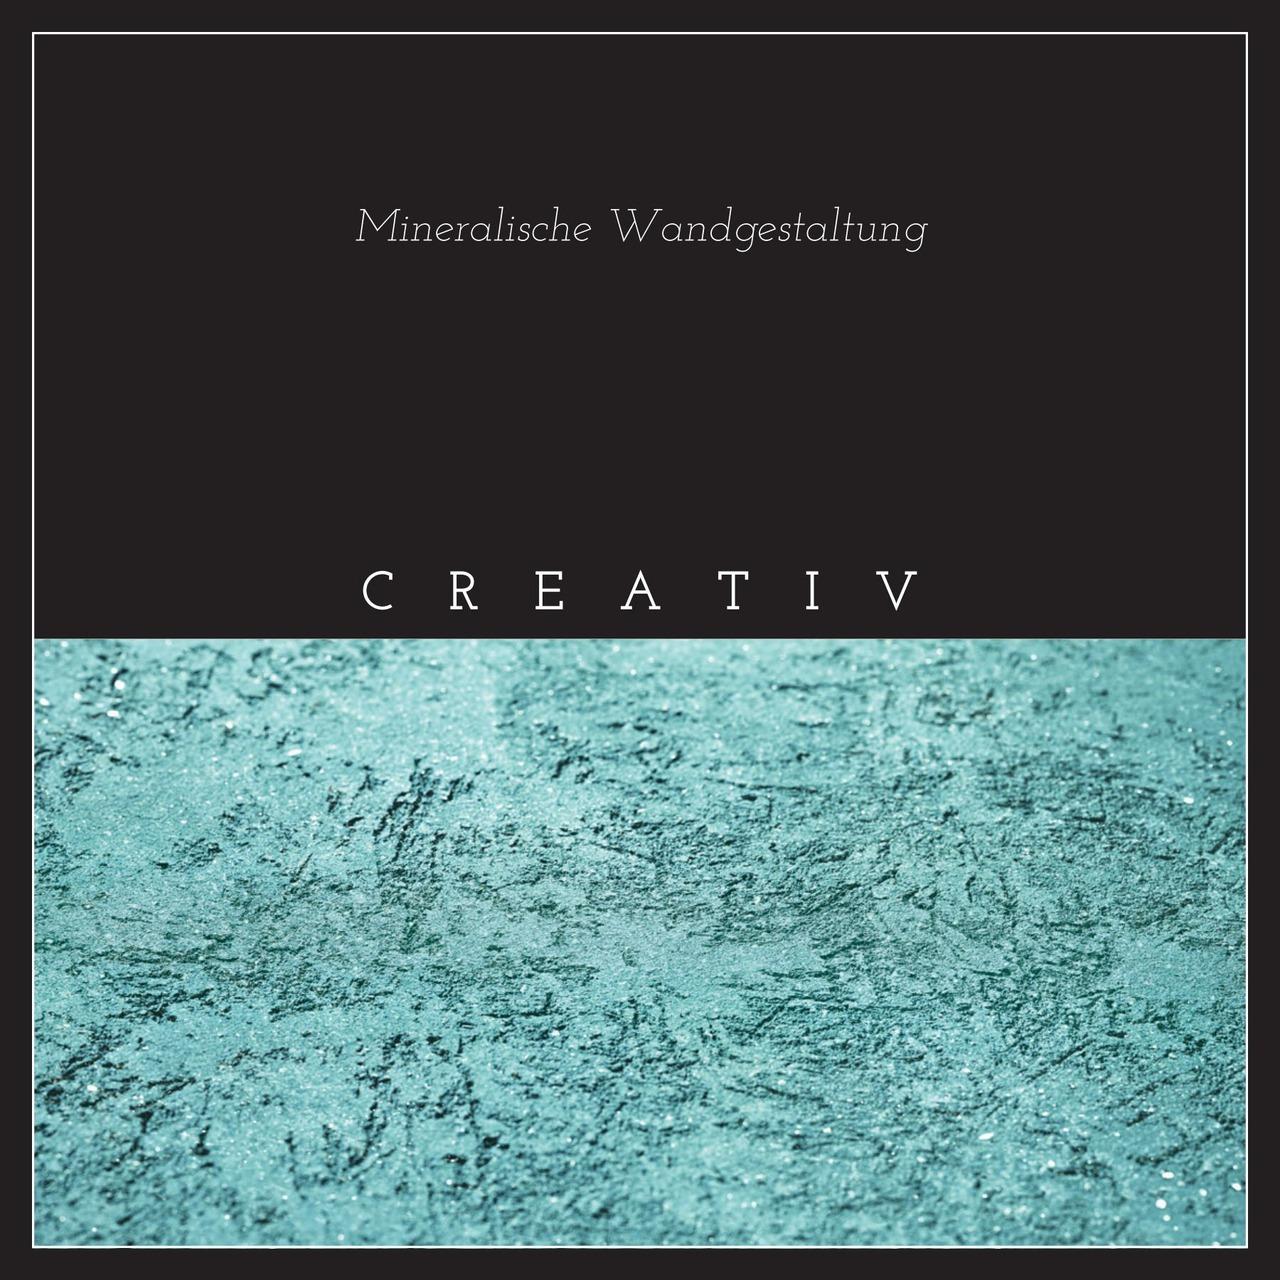 Themenheft Creativ, Mineralische Wandgestaltung, 02